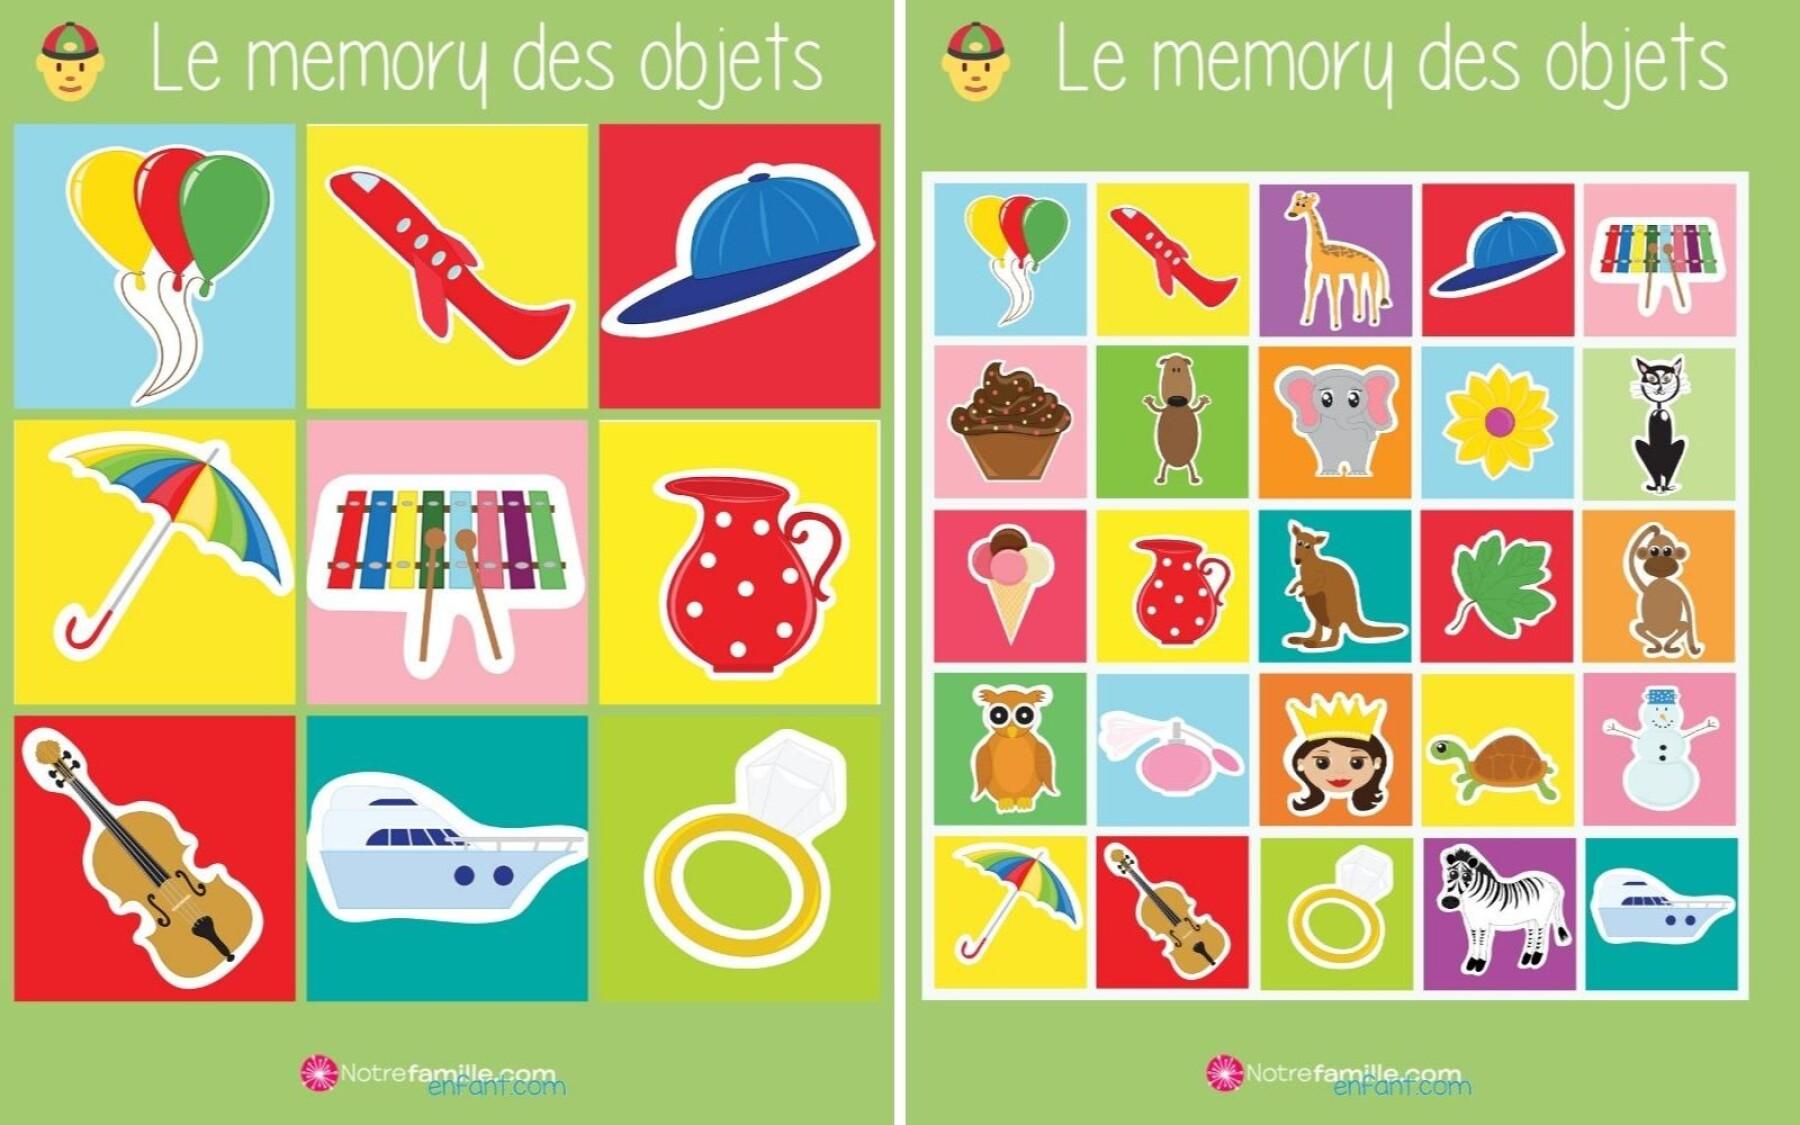 Memory des objets